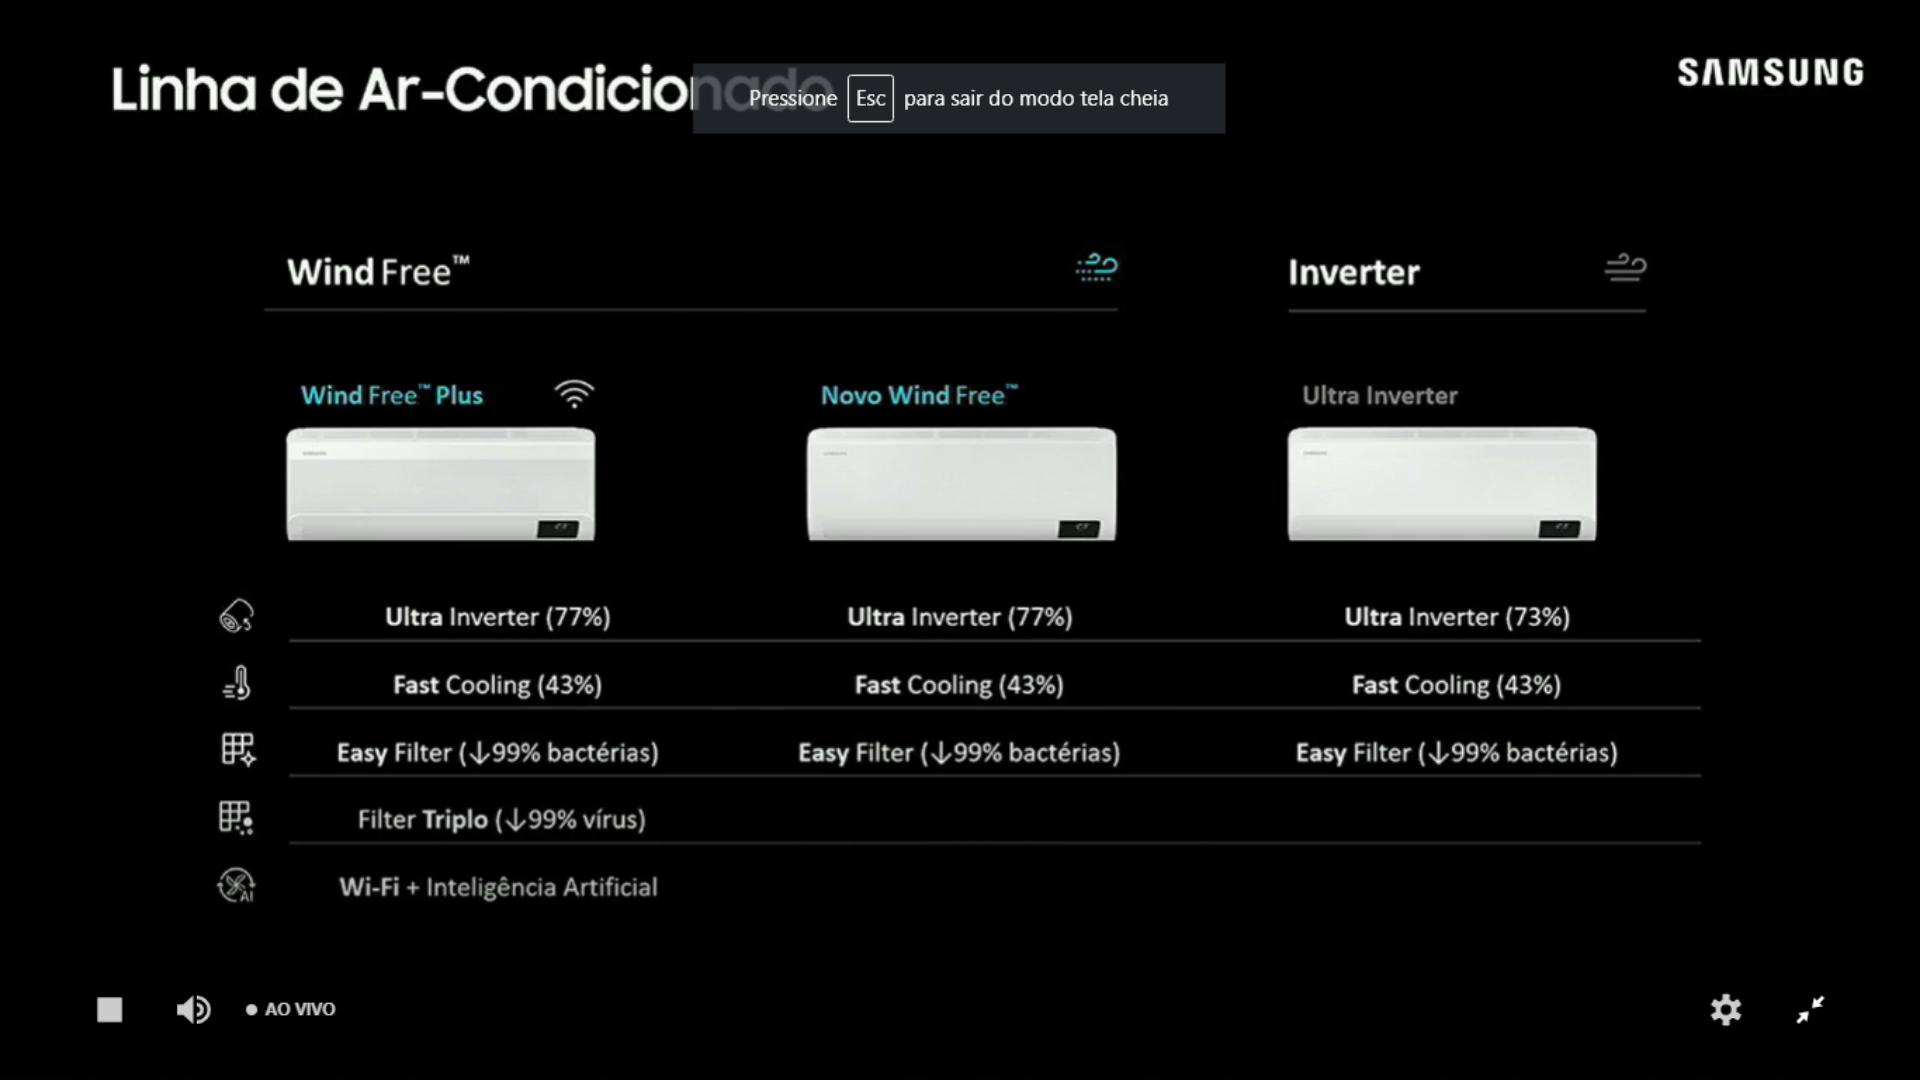 Linha WindFree é composta por dois modelos, WindFree Plus e Novo WindFree. (Imagem: Reprodução/Samsung)